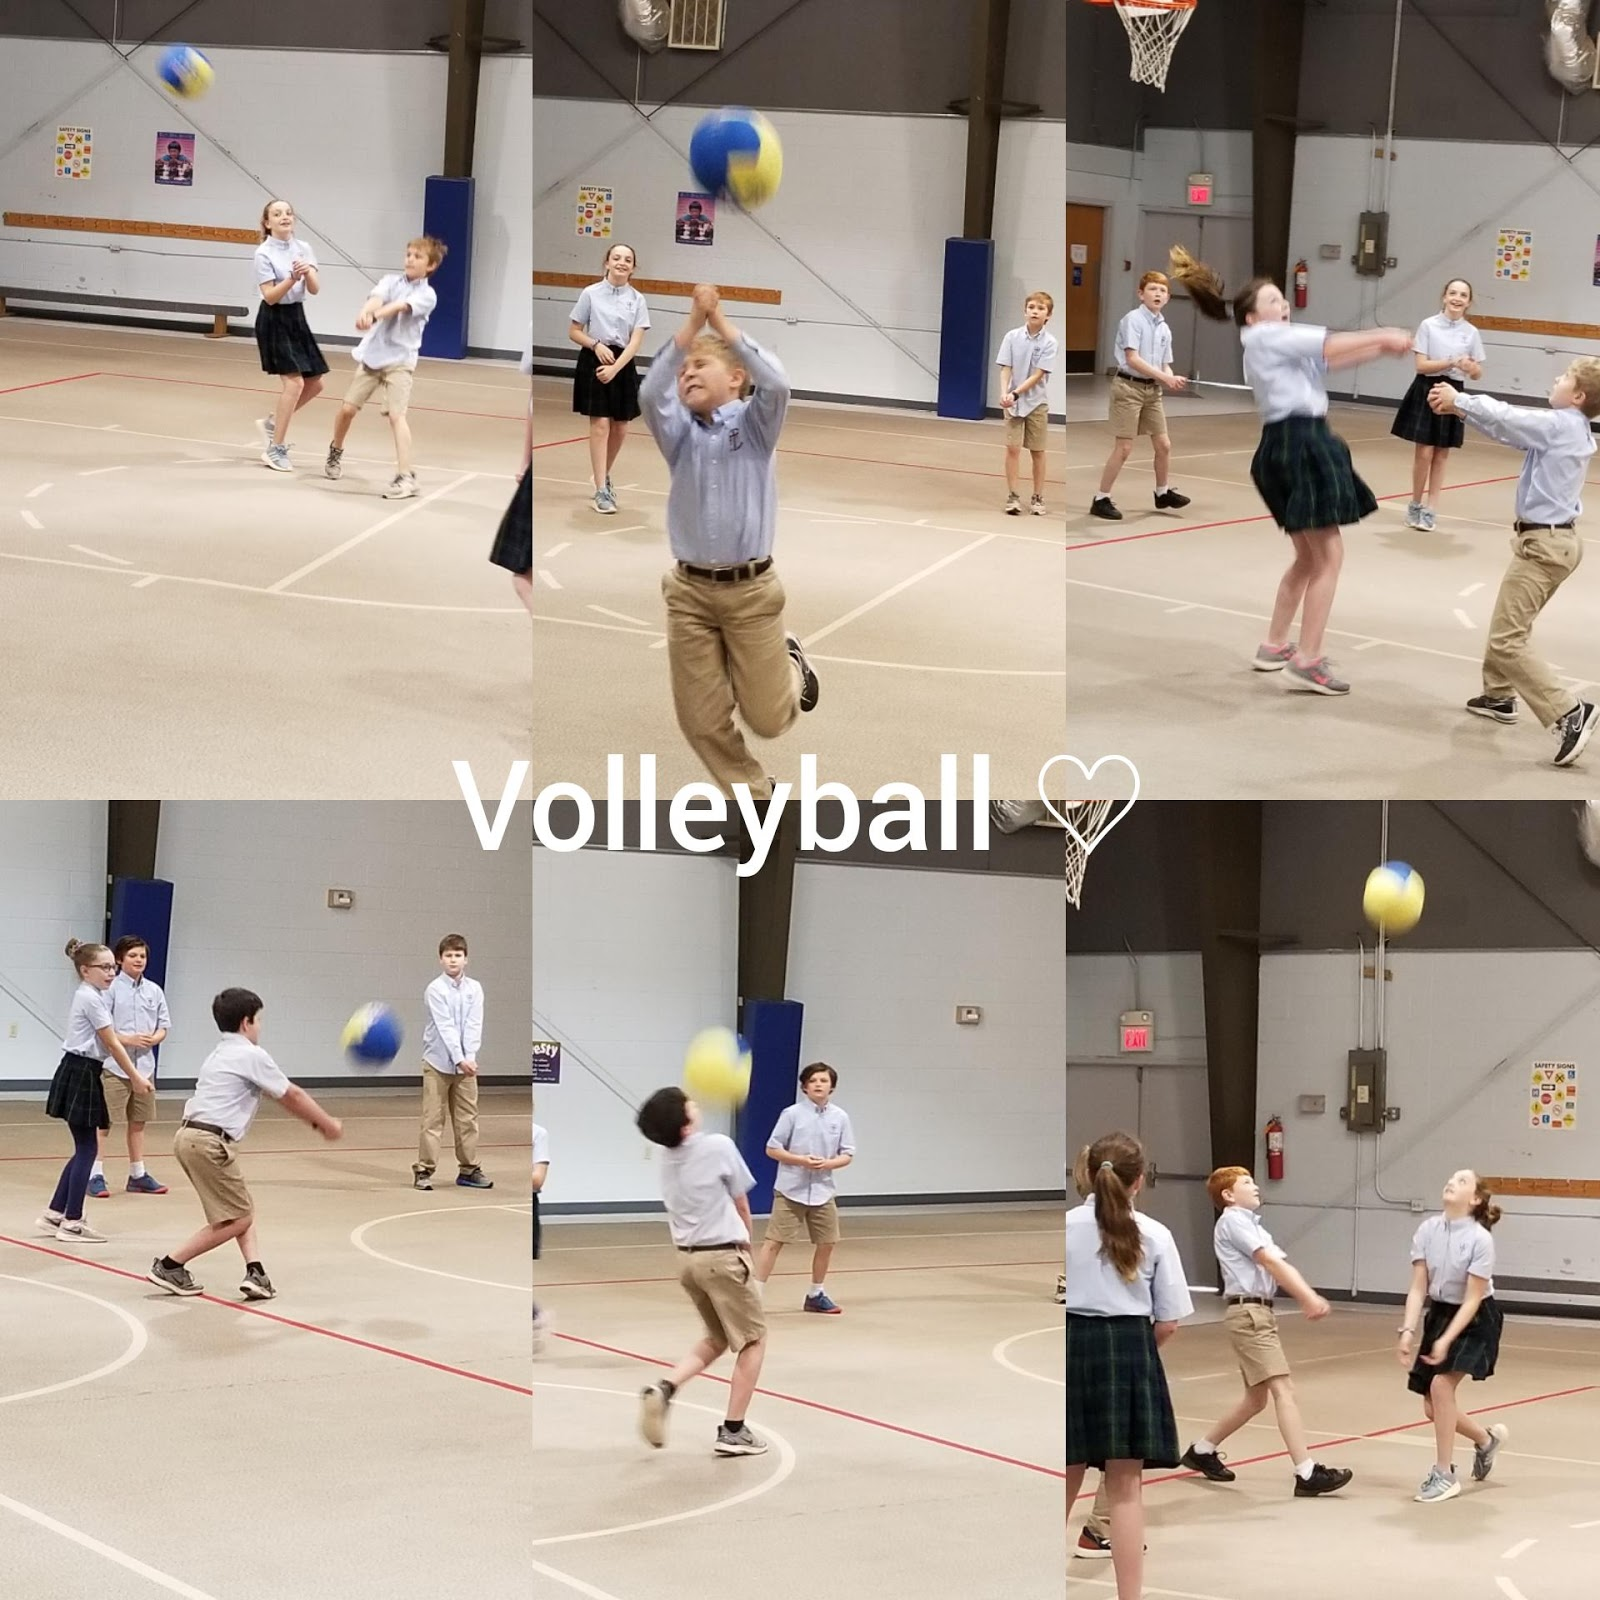 volley1.jpg